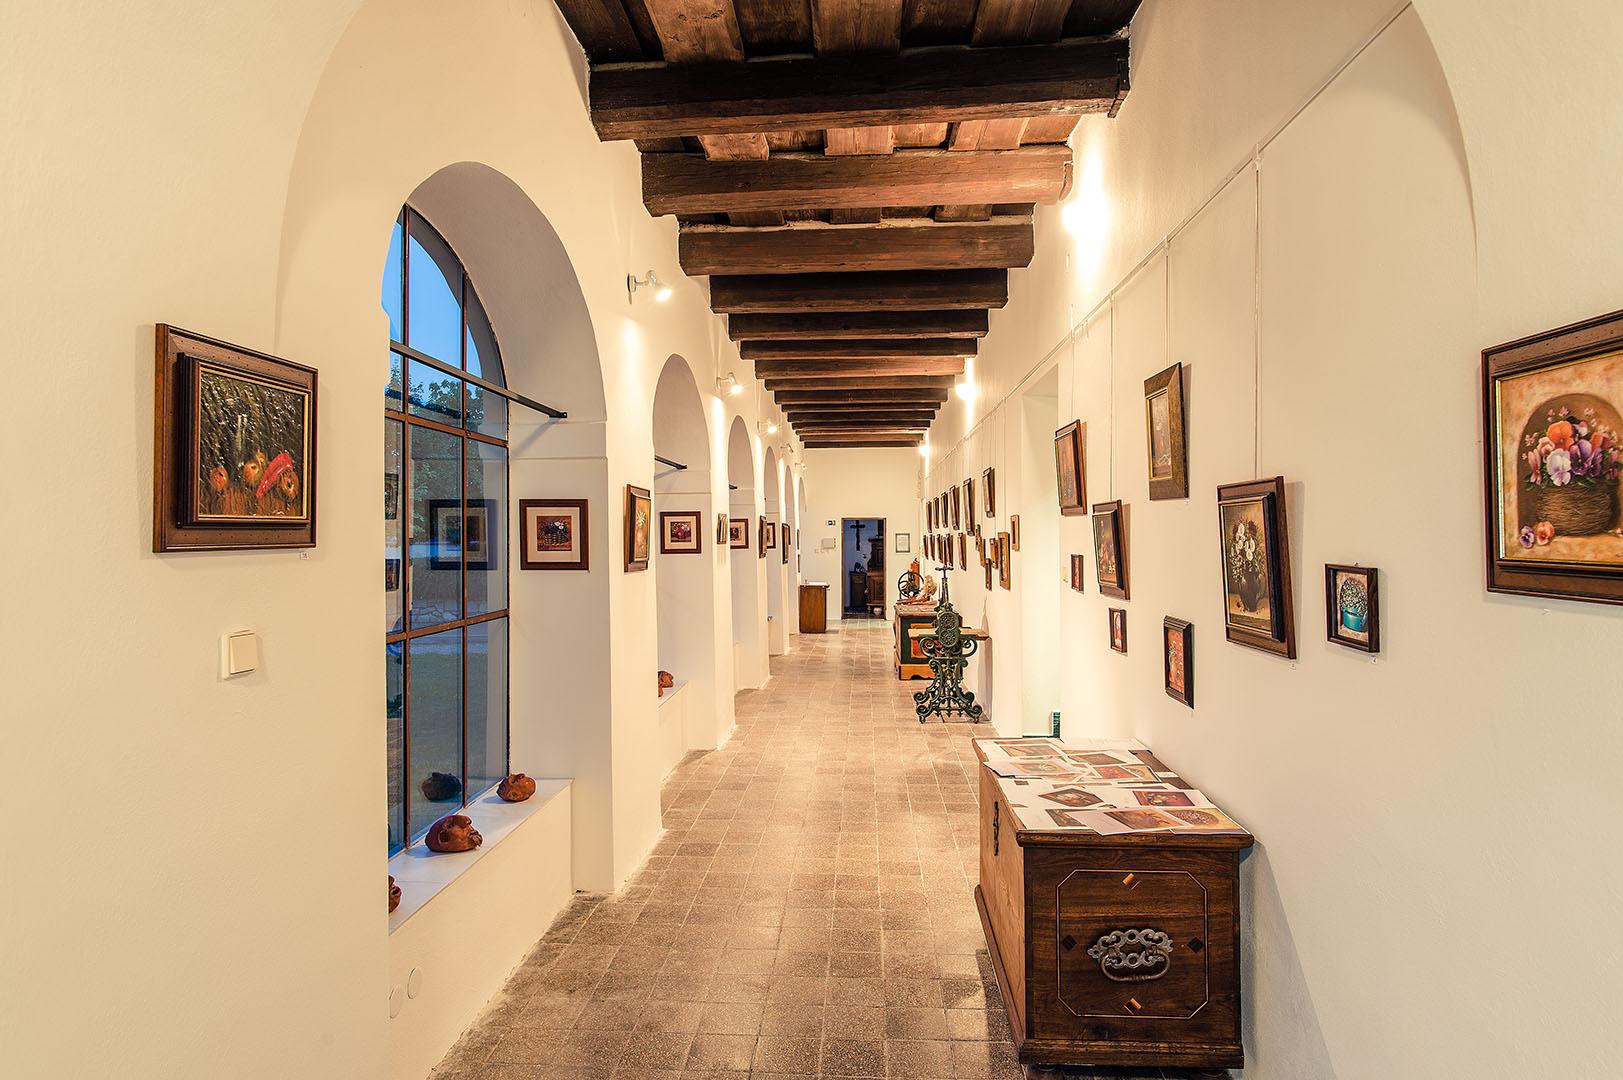 Výstavní síň Jana Rafaela Schustera s galerií